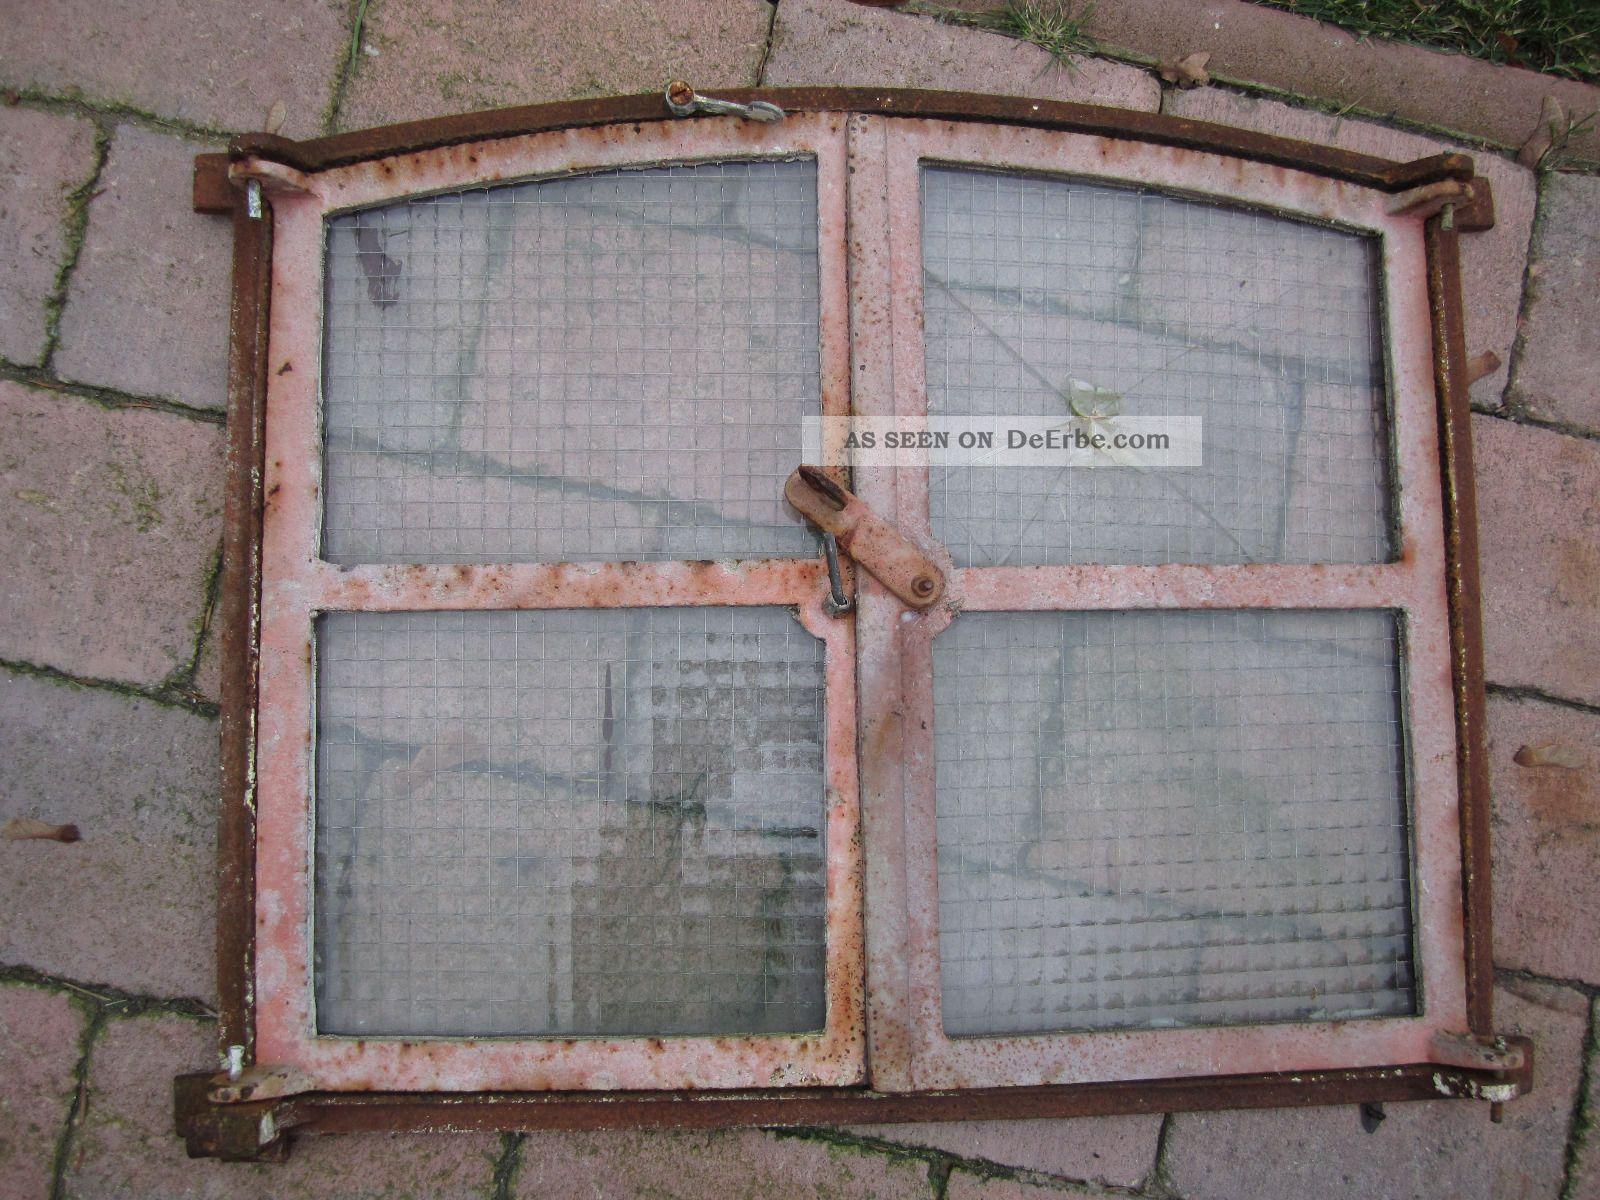 Antikes gusseisenfenster stallfenster altes fenster 66x51cm - Altes fenster dekorieren ...